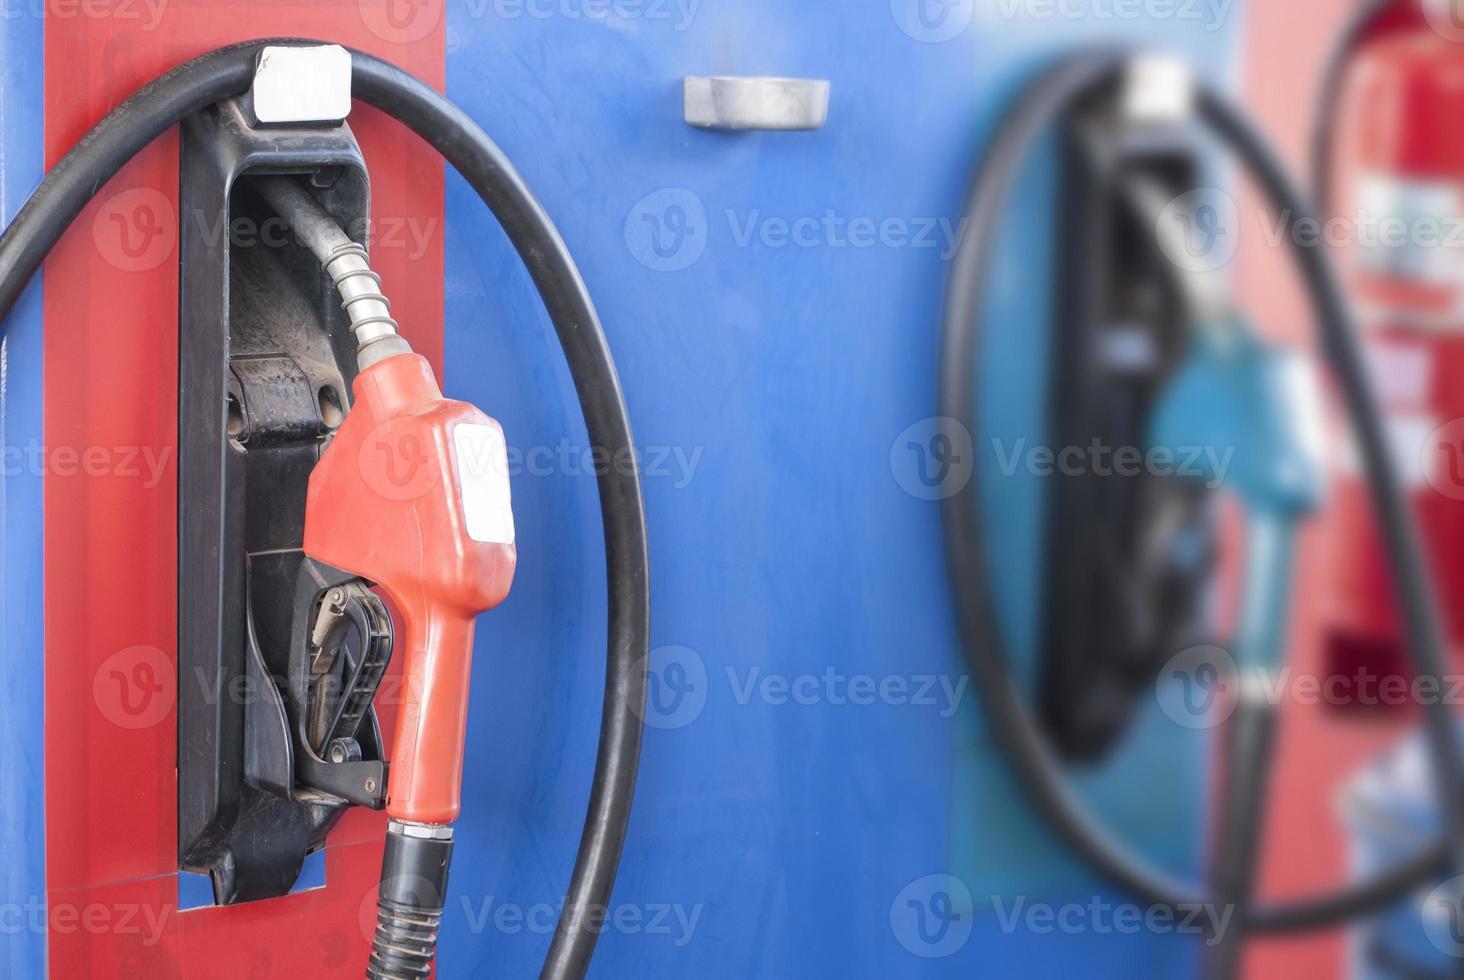 bicos de bomba em posto de gasolina foto